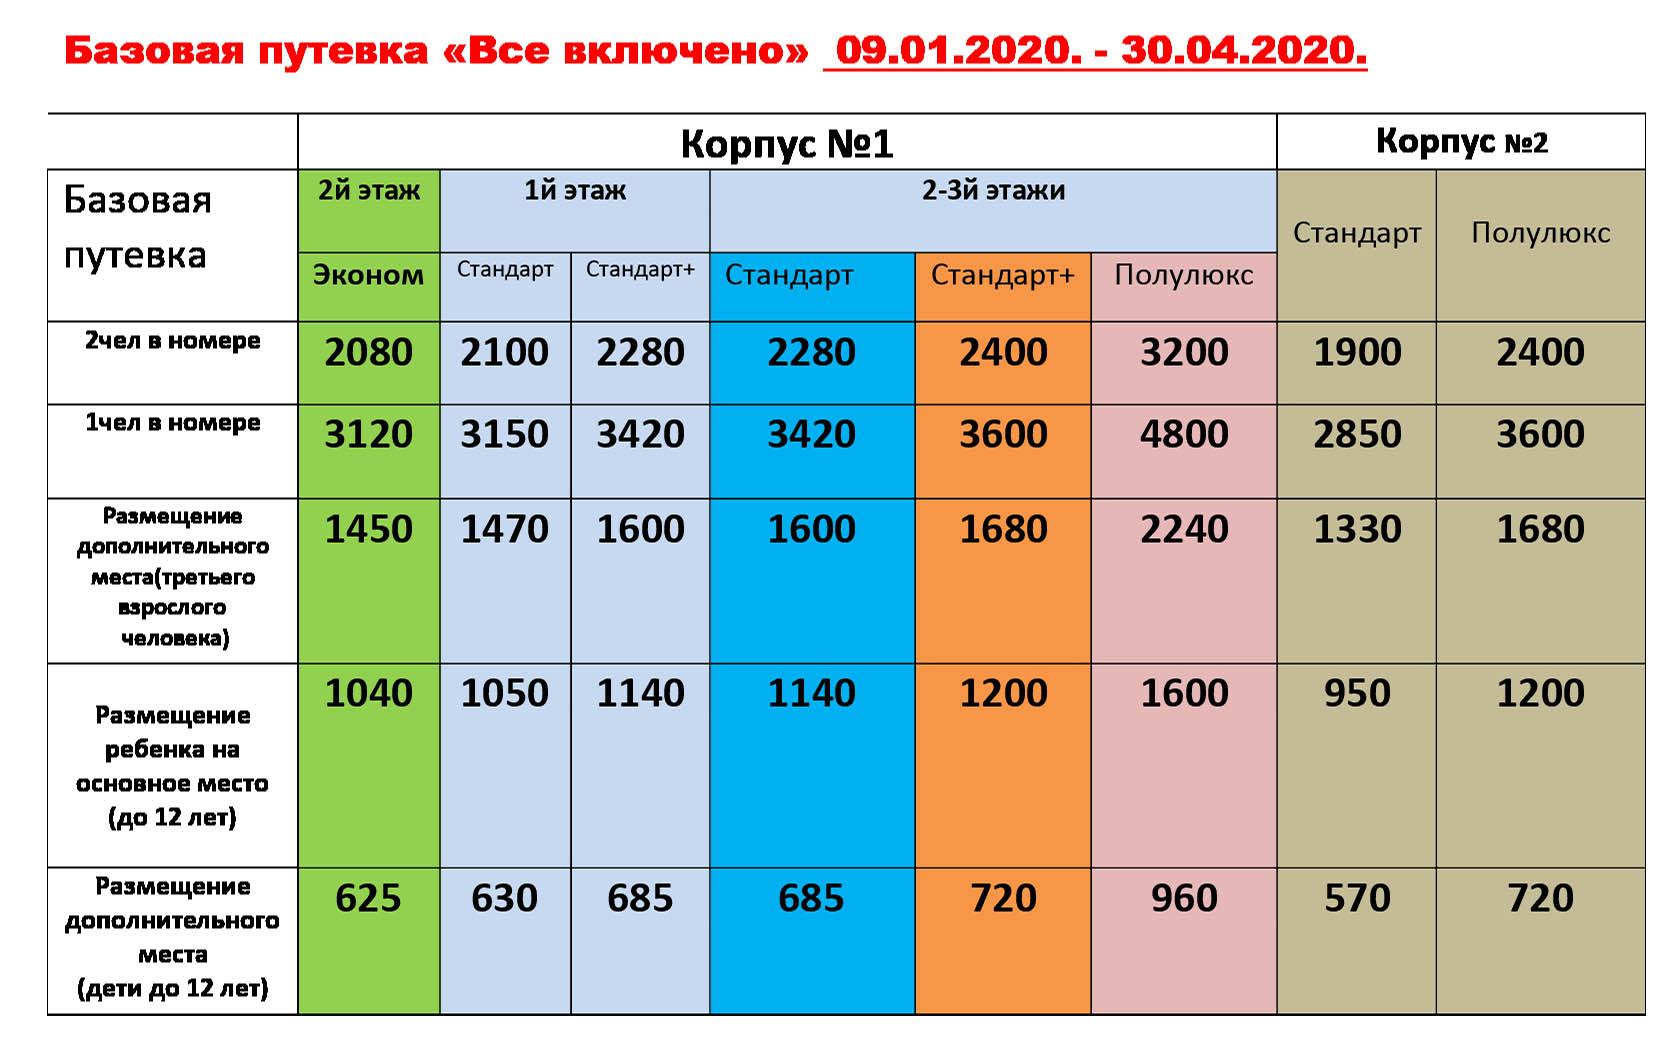 Стоимость путевки с 09.01.2020 г. по 31.12.2020 г.